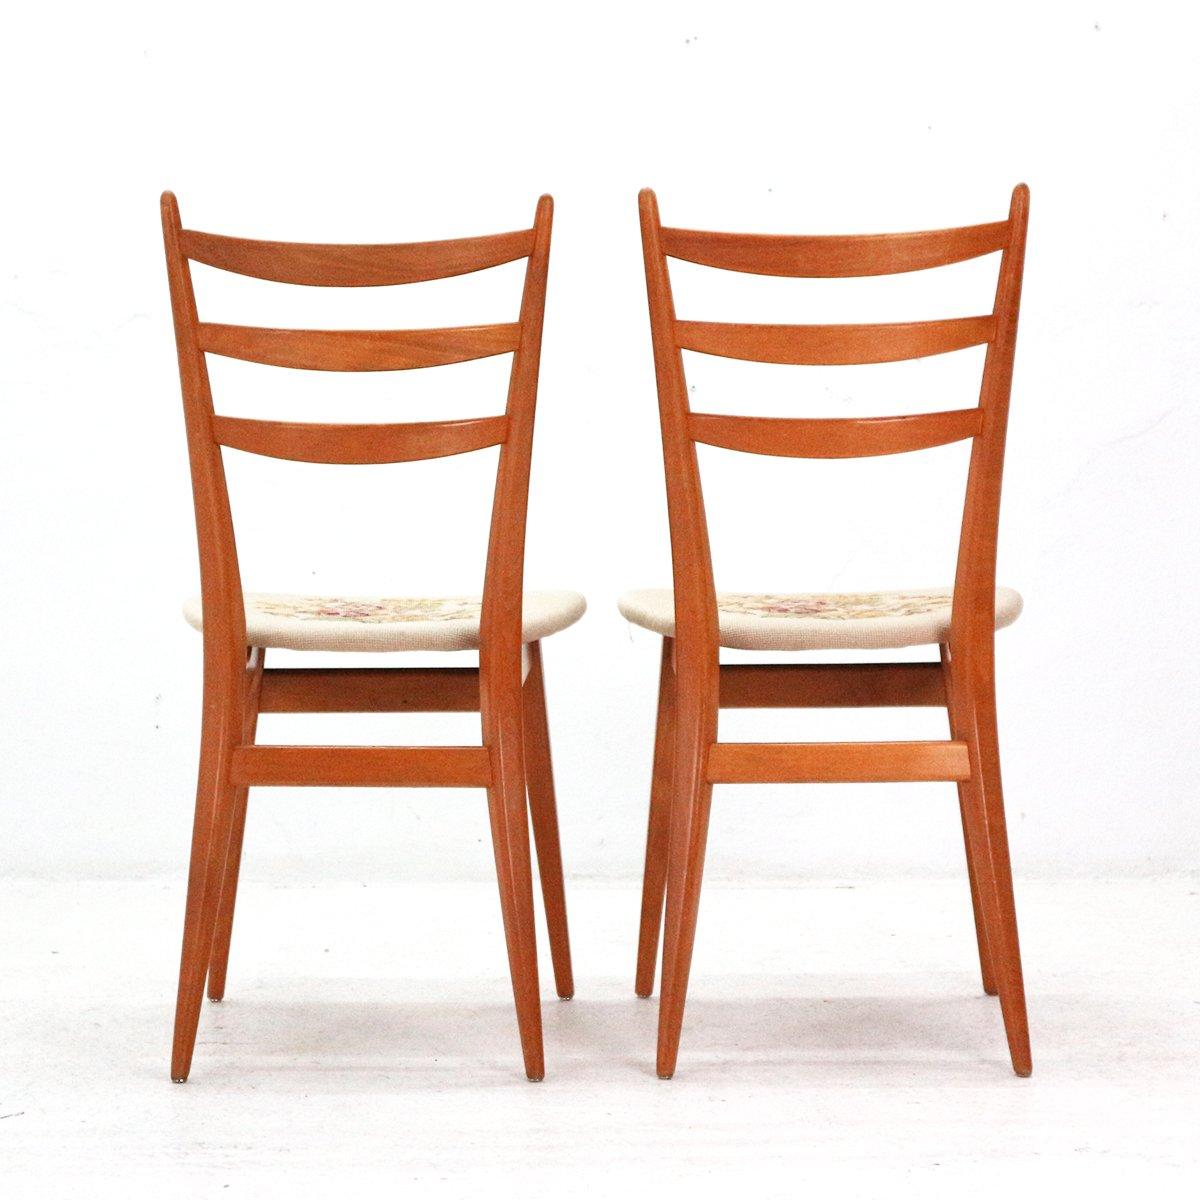 esszimmerst hle mit rosenmotiv 1950er 2er set bei pamono kaufen. Black Bedroom Furniture Sets. Home Design Ideas